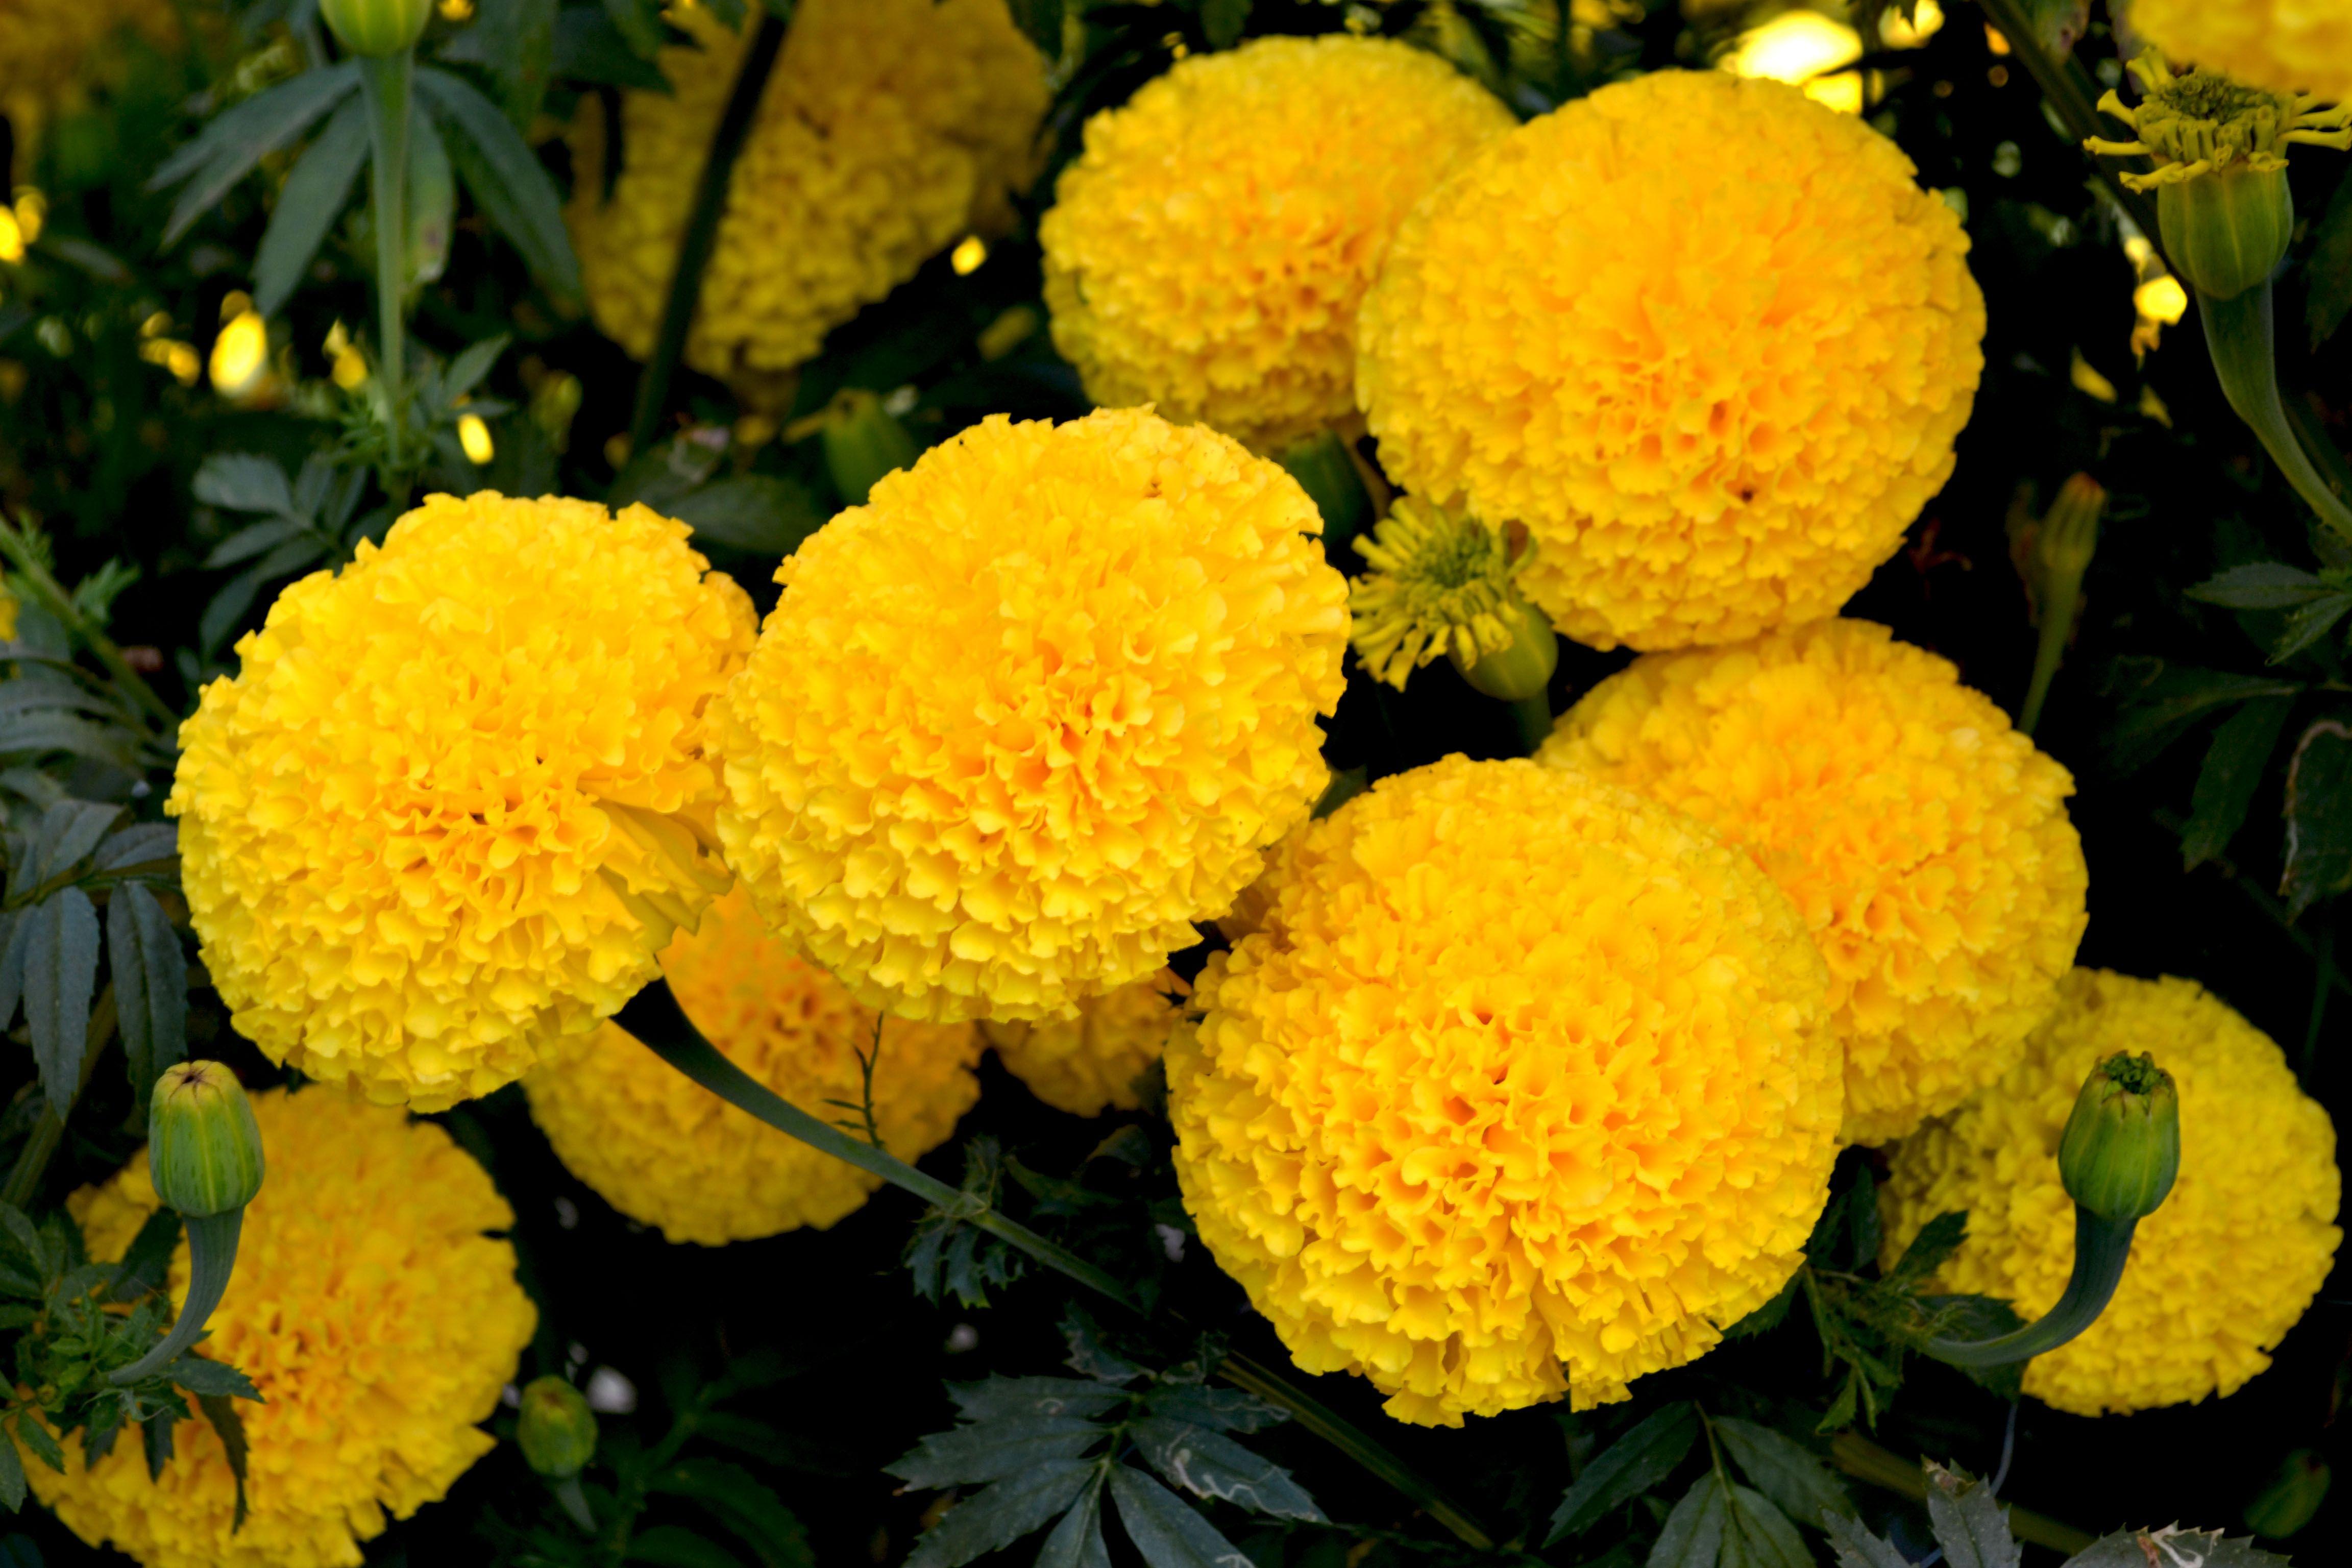 Marigolds Flower (Có hình ảnh) Hoa